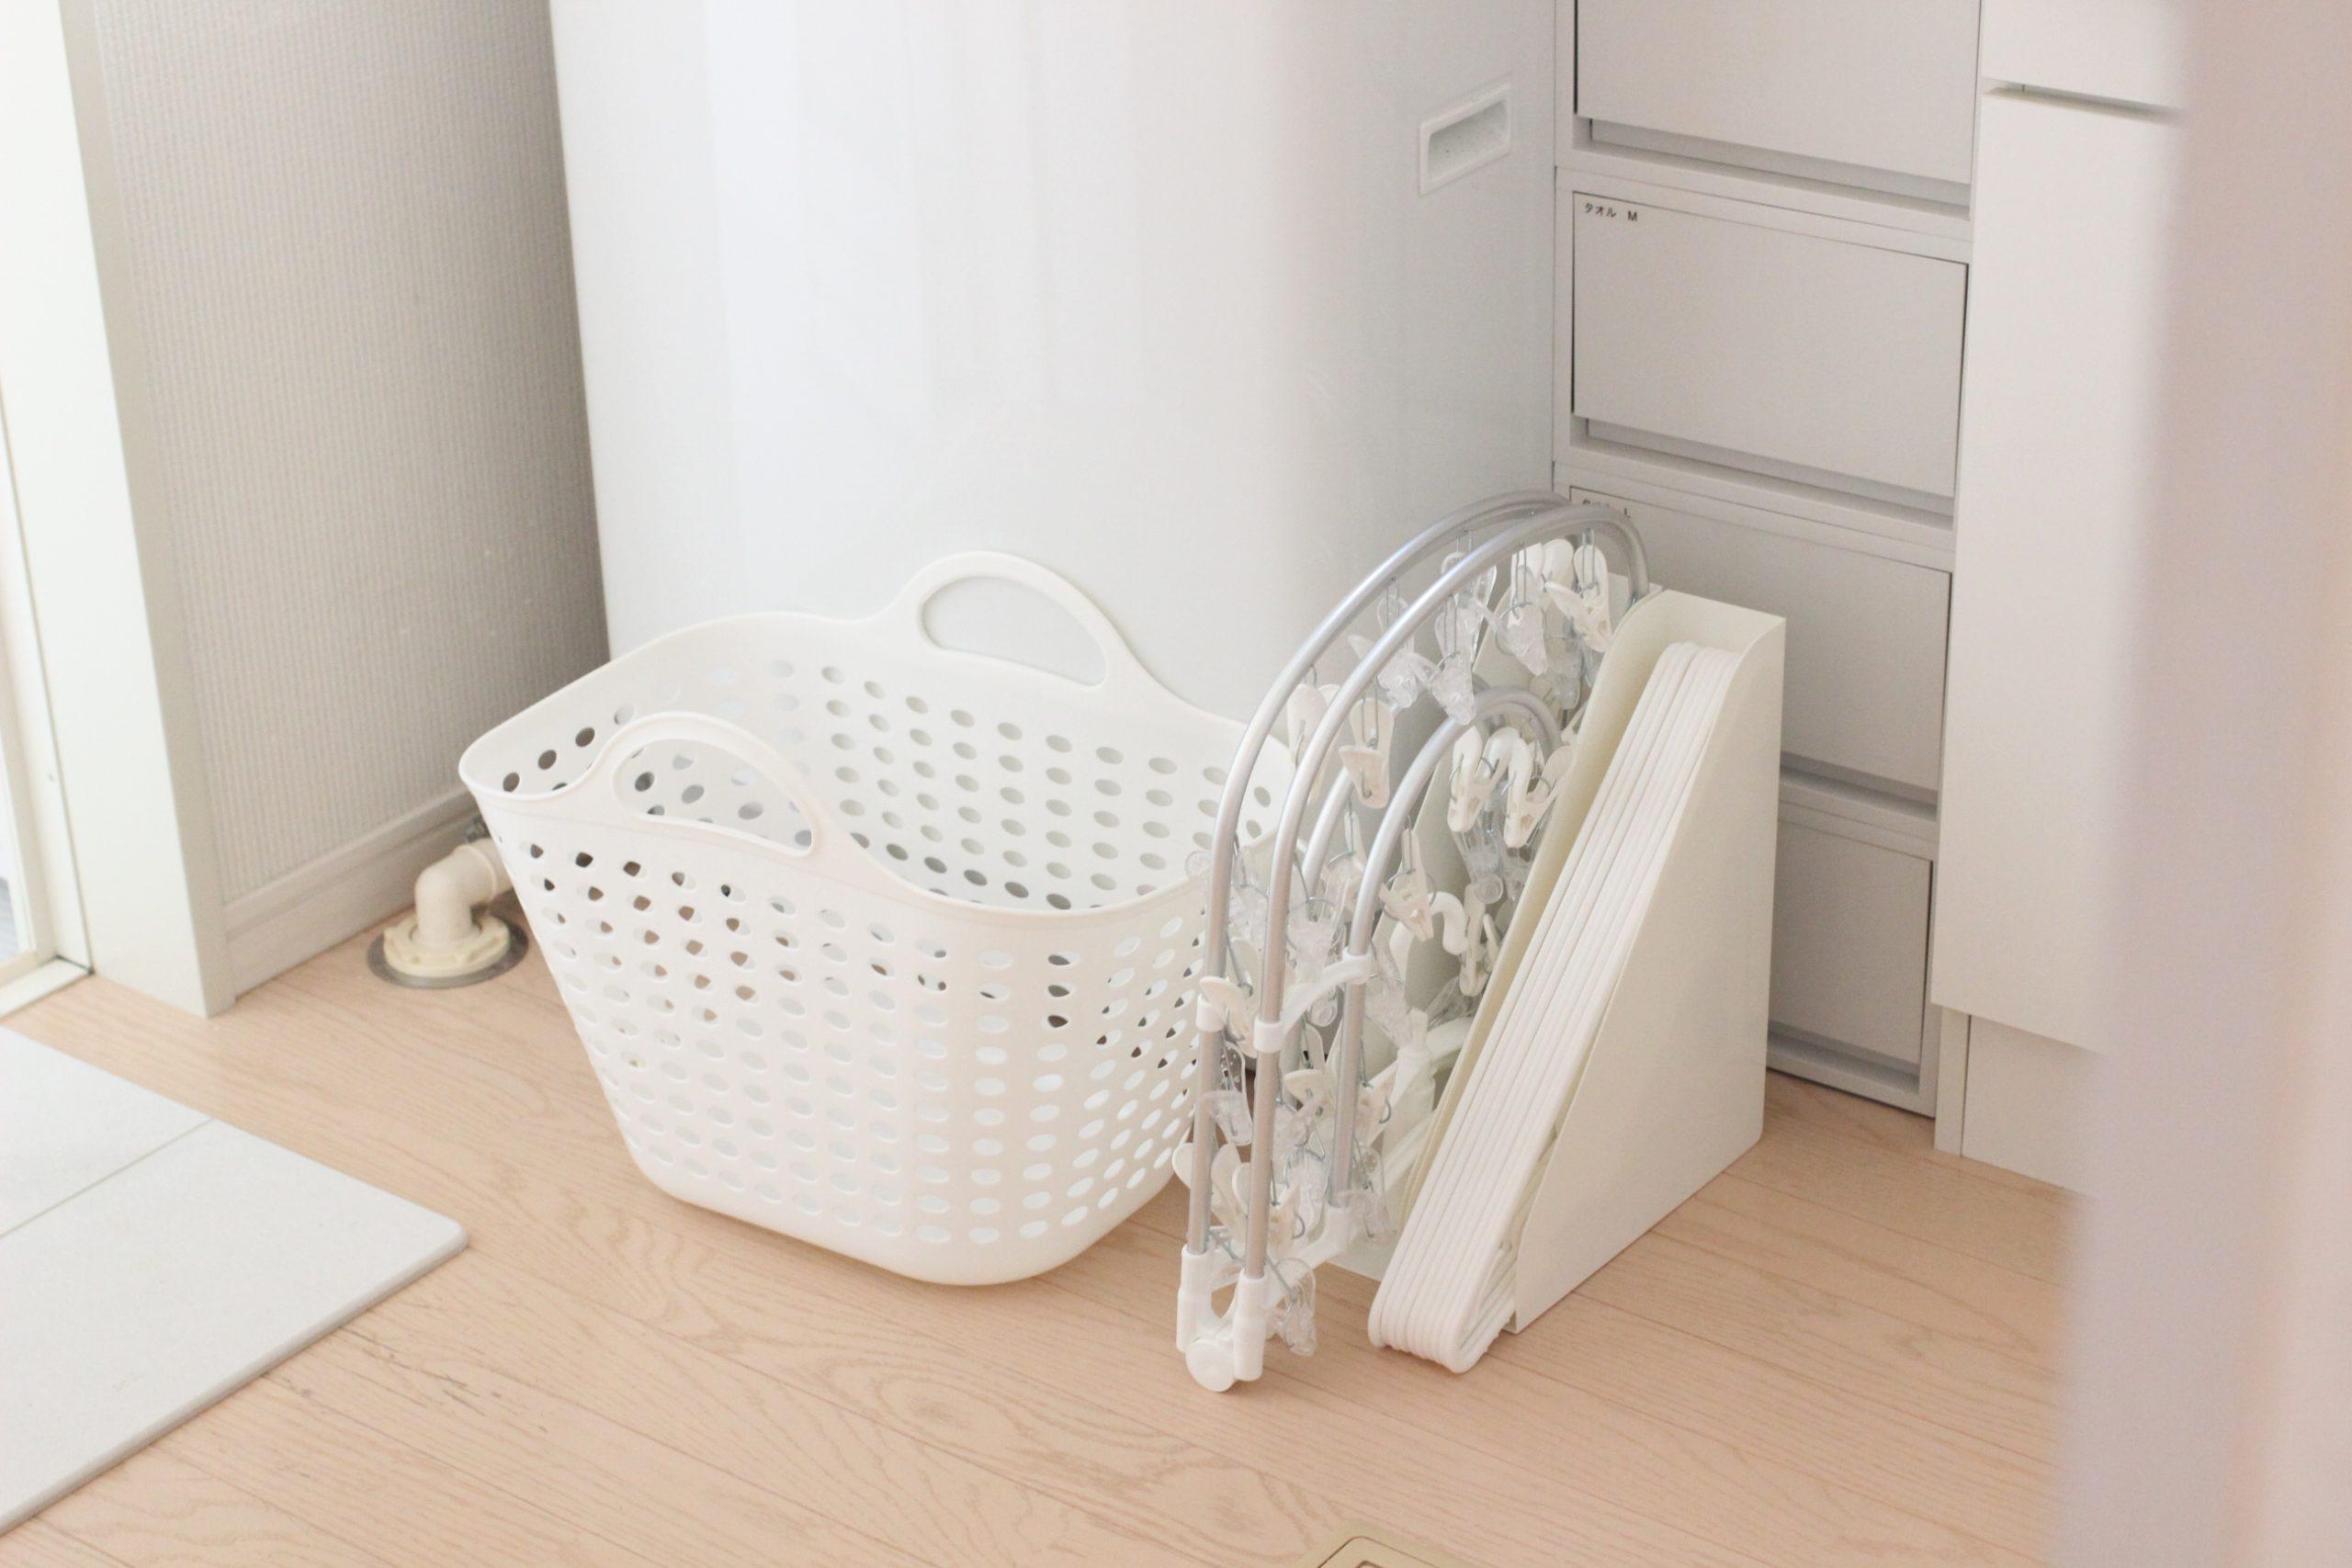 シンプルで機能性もバツグン!イオンの「ホームコーディ」で毎日の洗濯がラクに&楽しくなりますよ♪